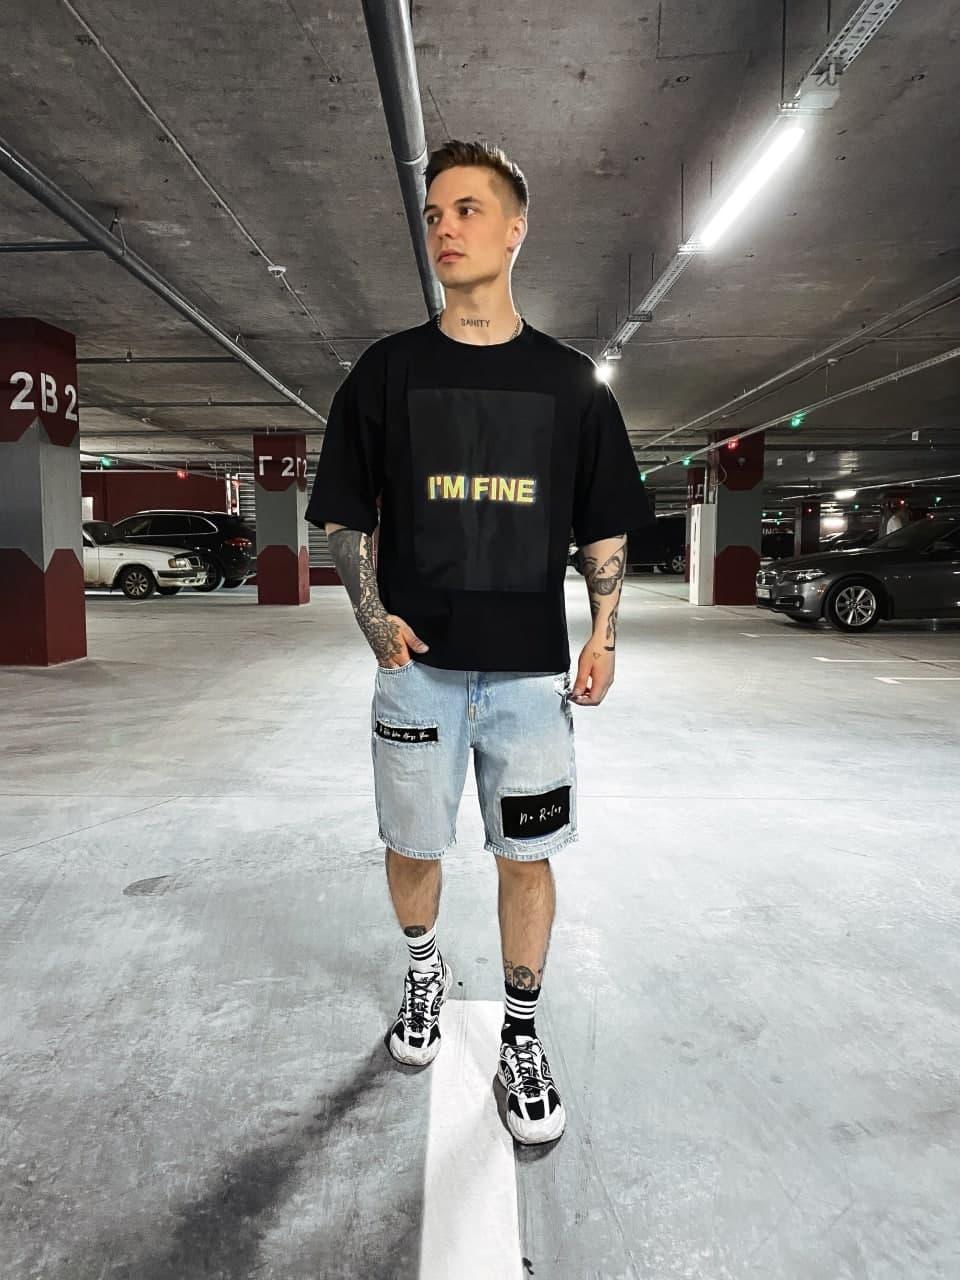 Чоловіча футболка з написом I am fine (чорна) подовжена на літо sF228